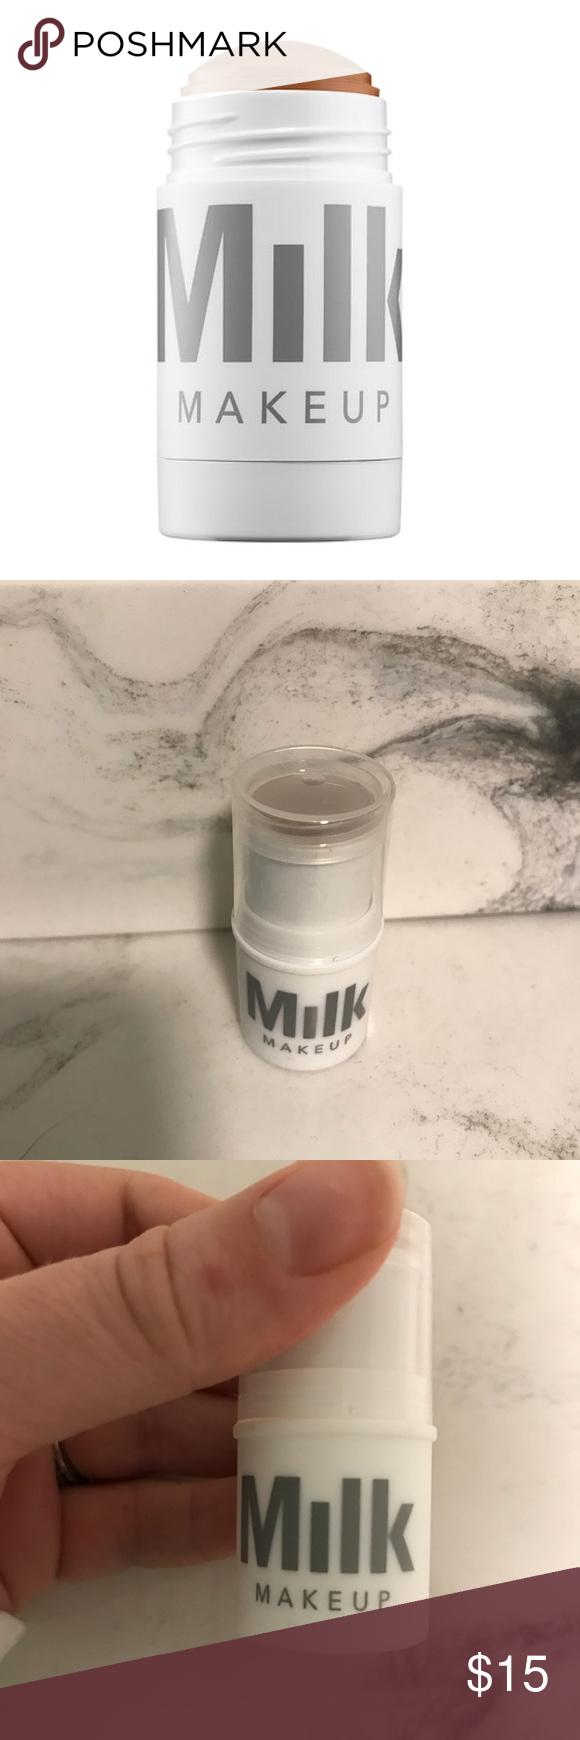 Milk Makeup Matte Bronzer Baked NWT Milk makeup, Matte